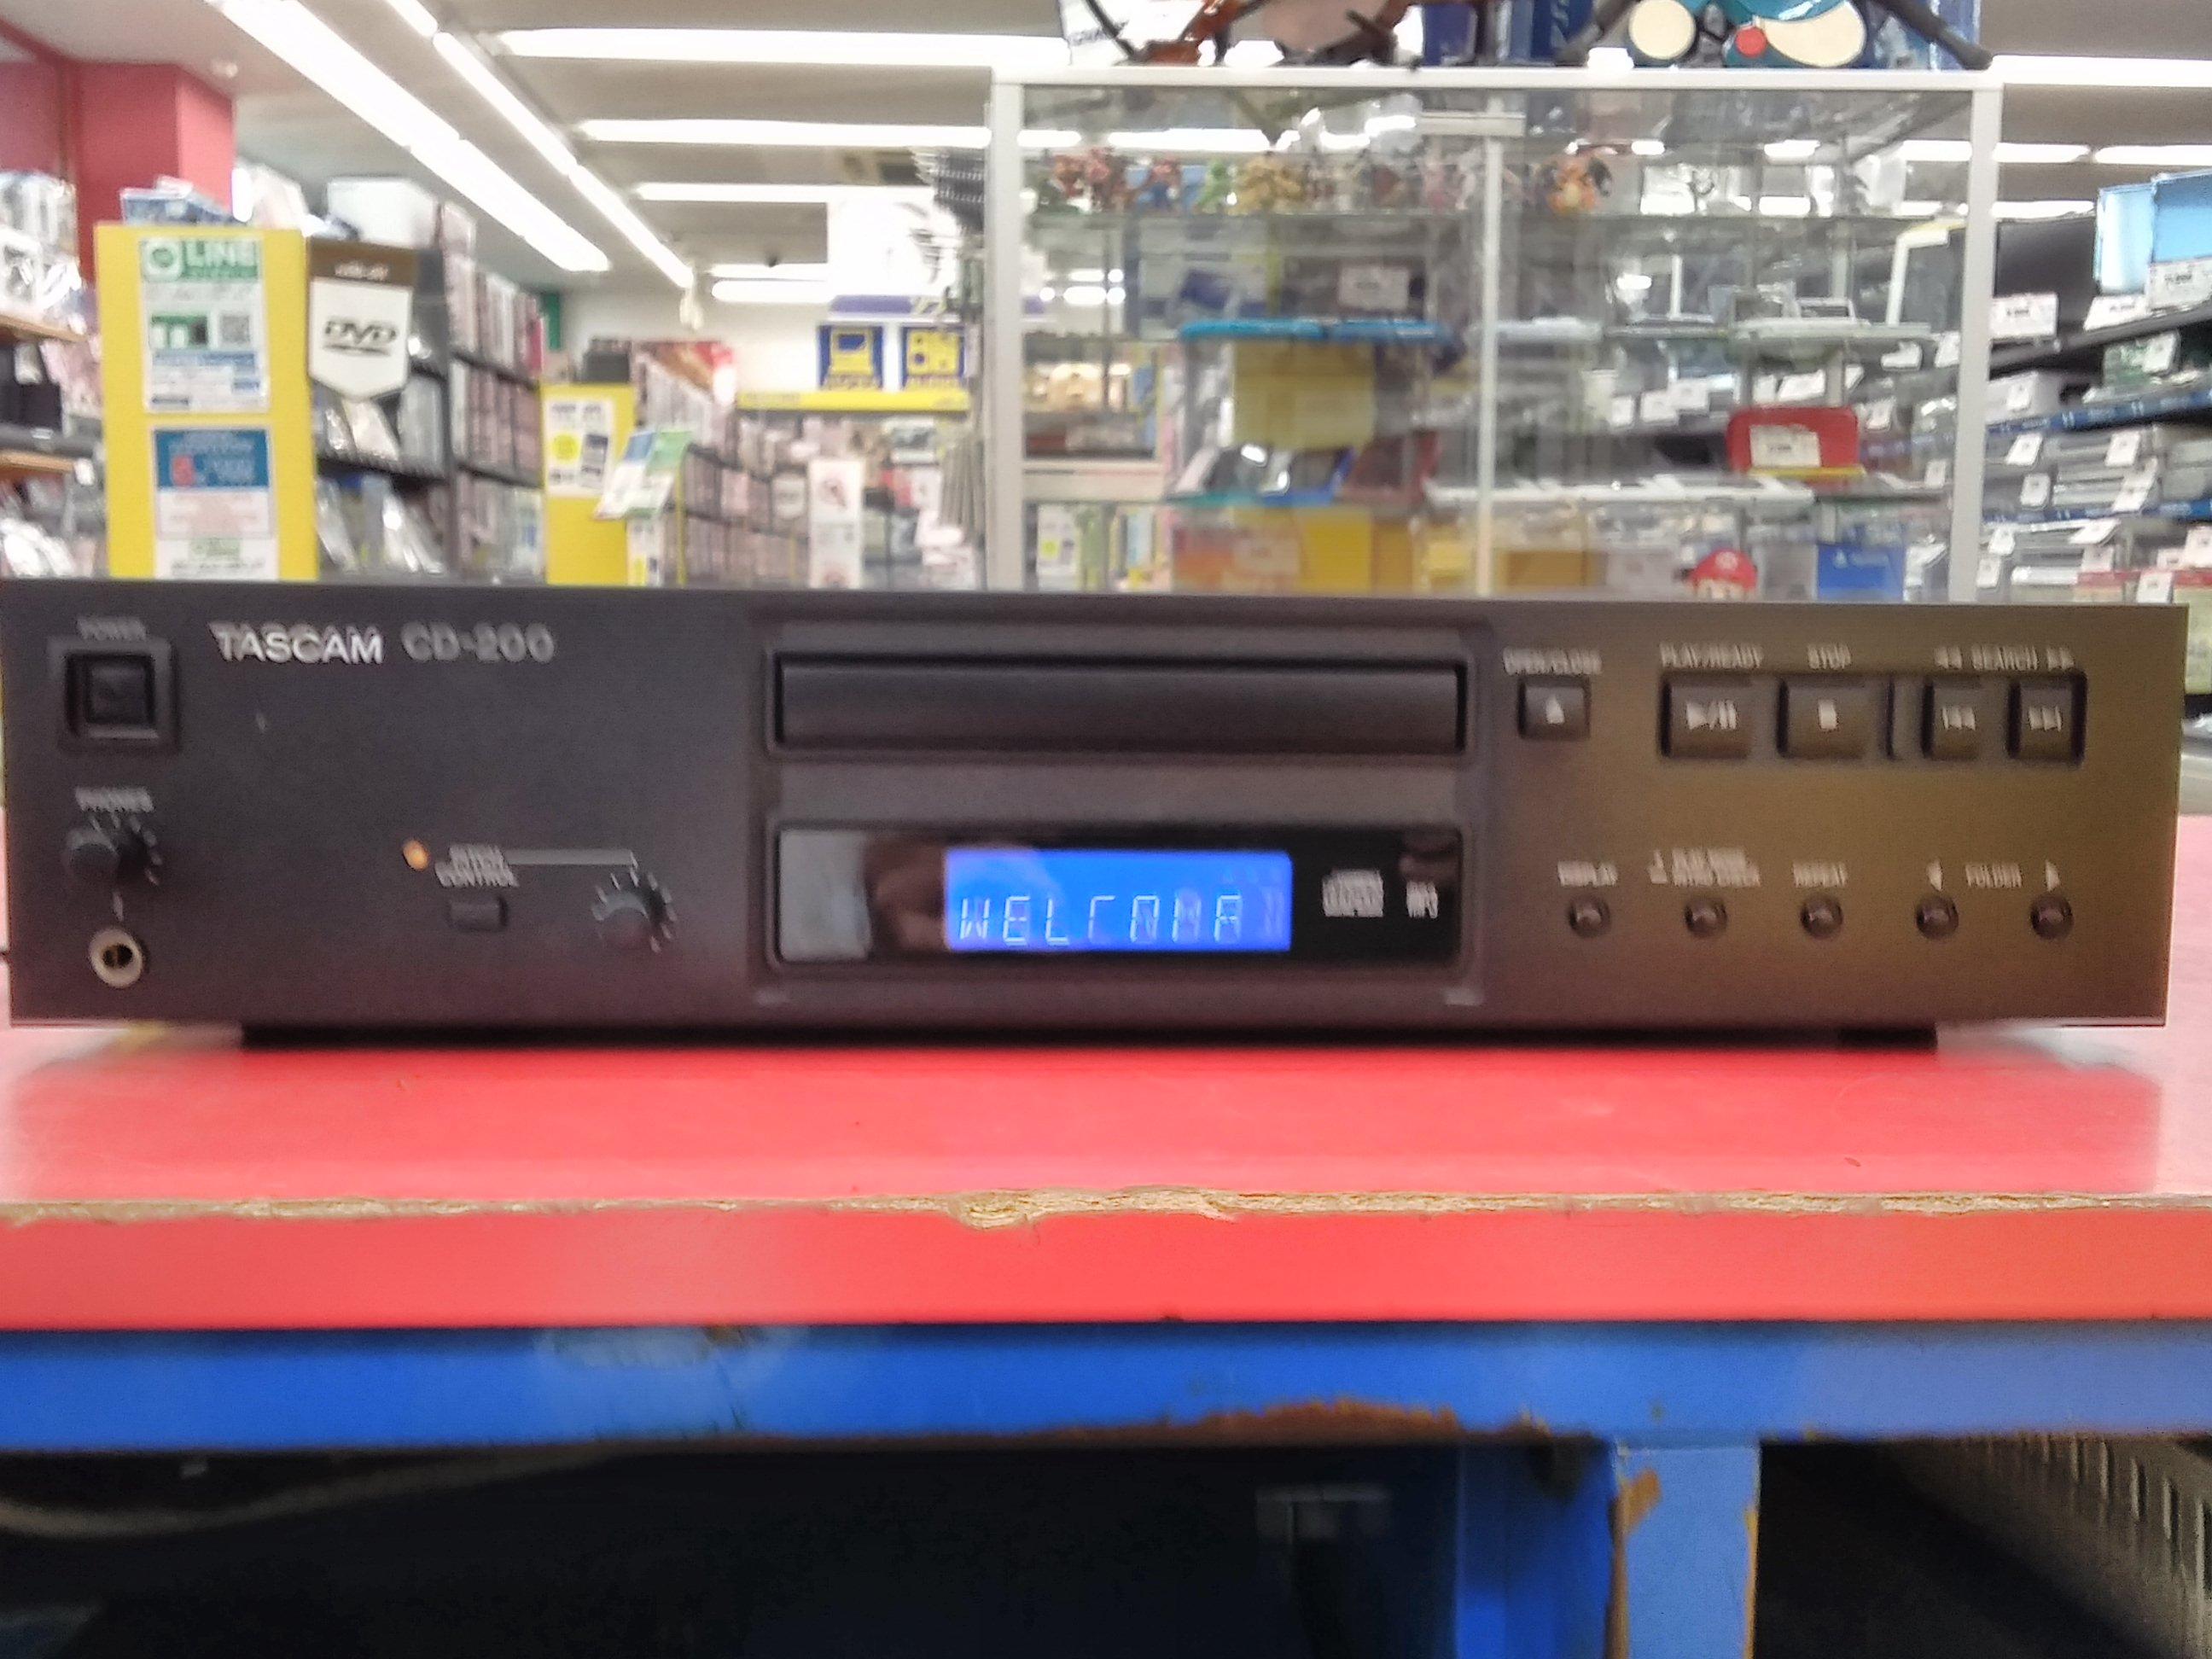 TASCAM/【ジャンク】CDプレーヤー/CD-200|TASCAM